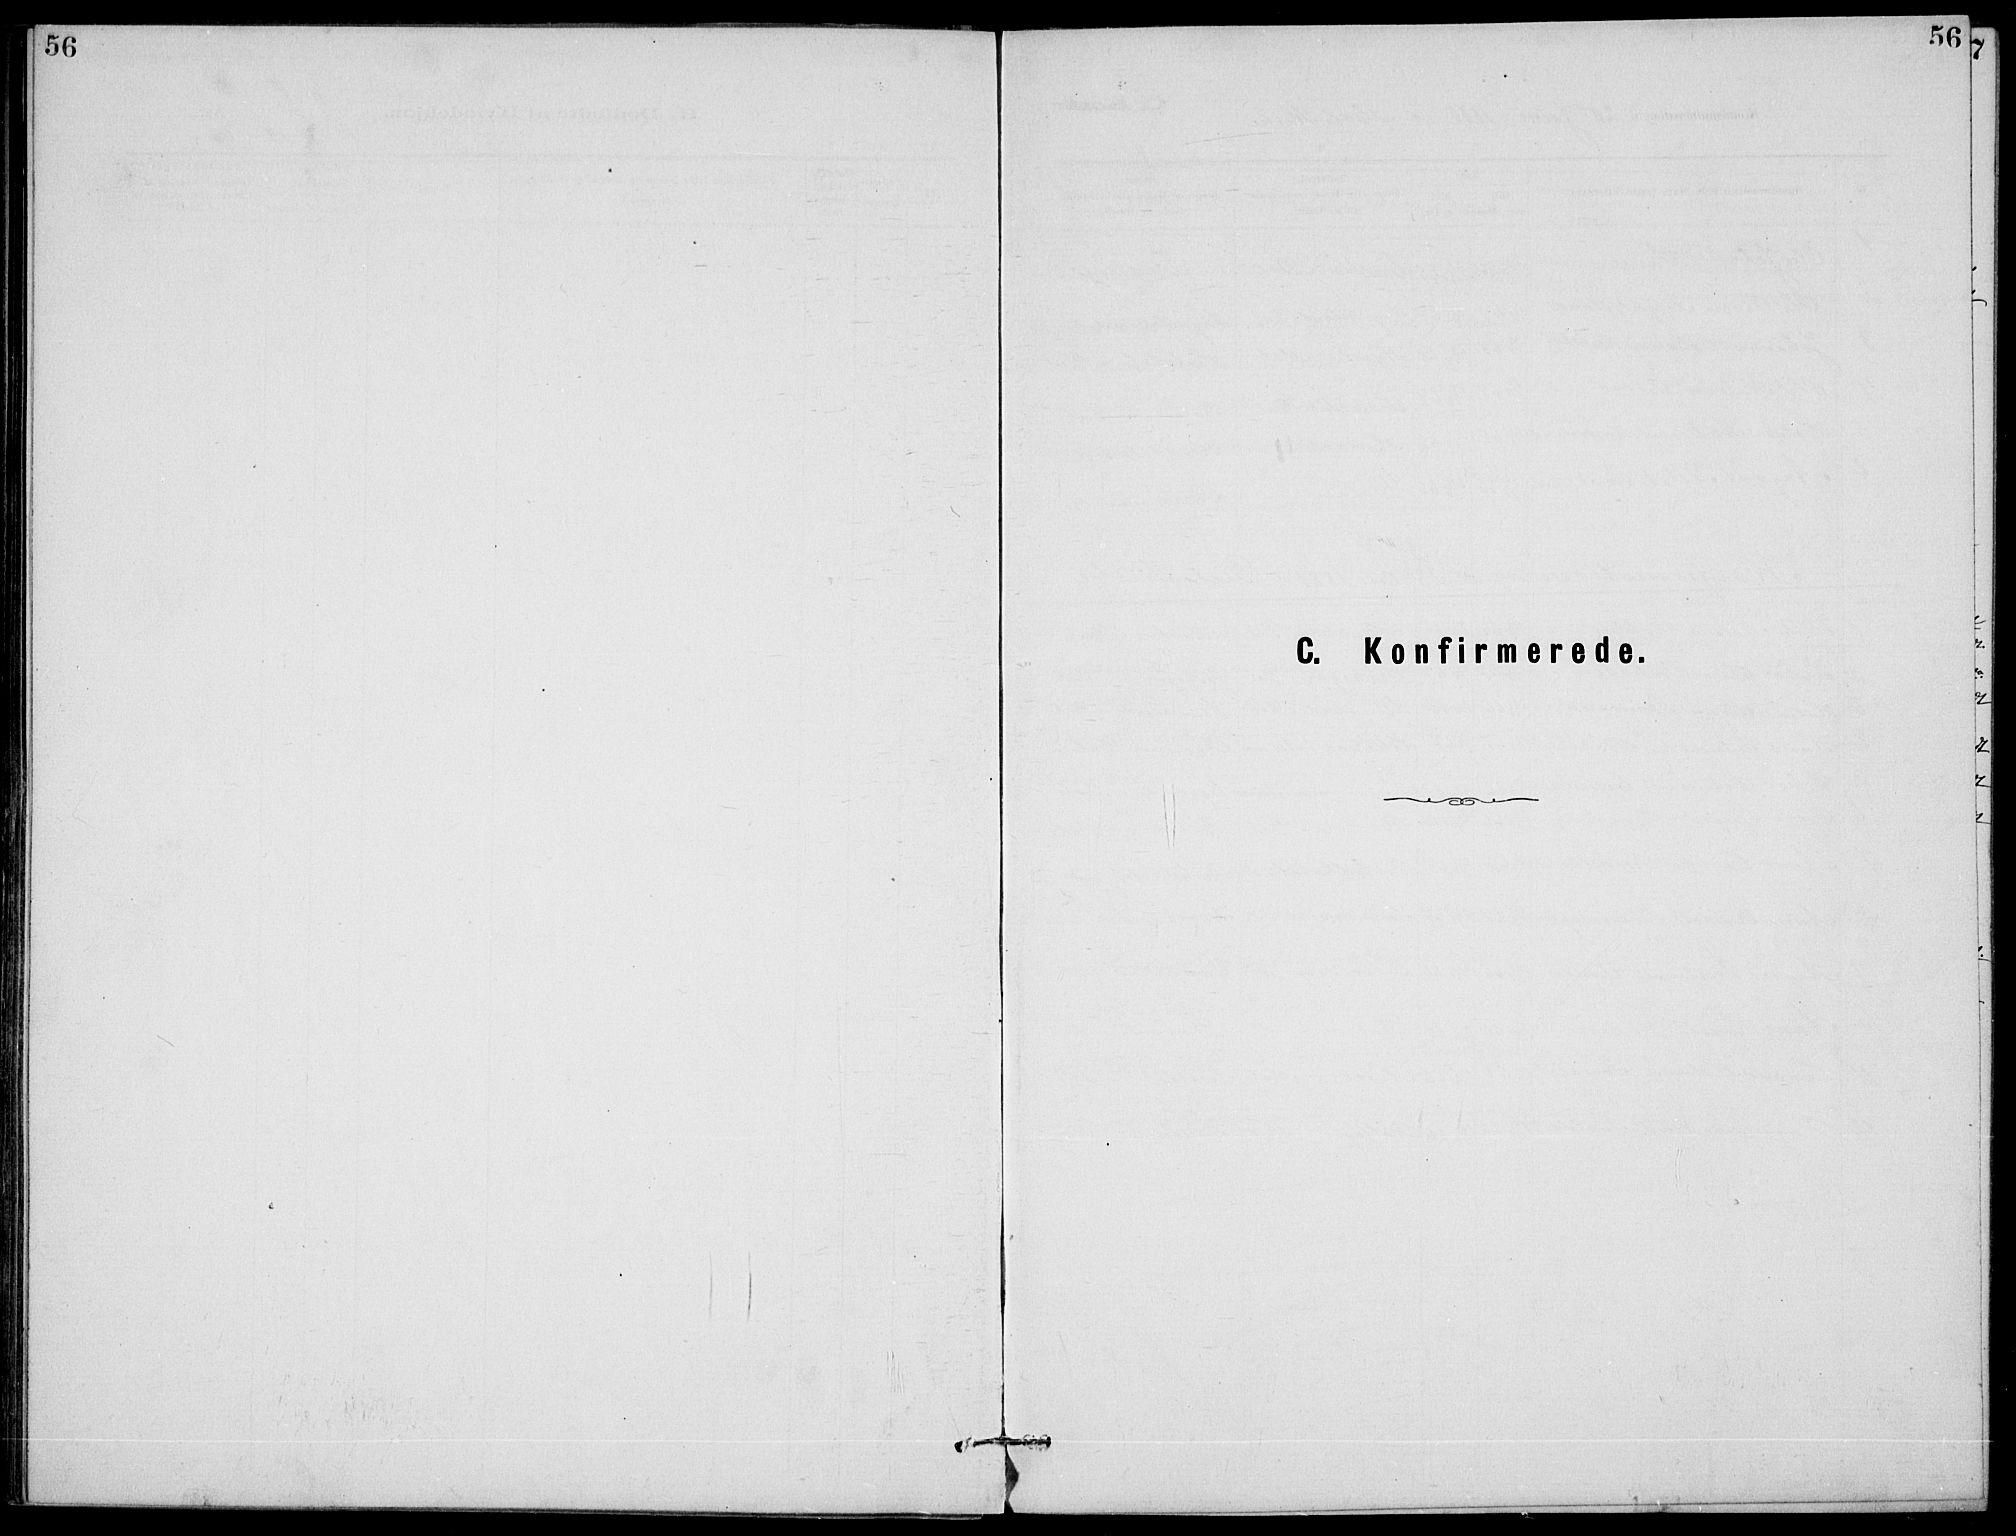 SAKO, Rjukan kirkebøker, G/Ga/L0001: Klokkerbok nr. 1, 1880-1914, s. 56